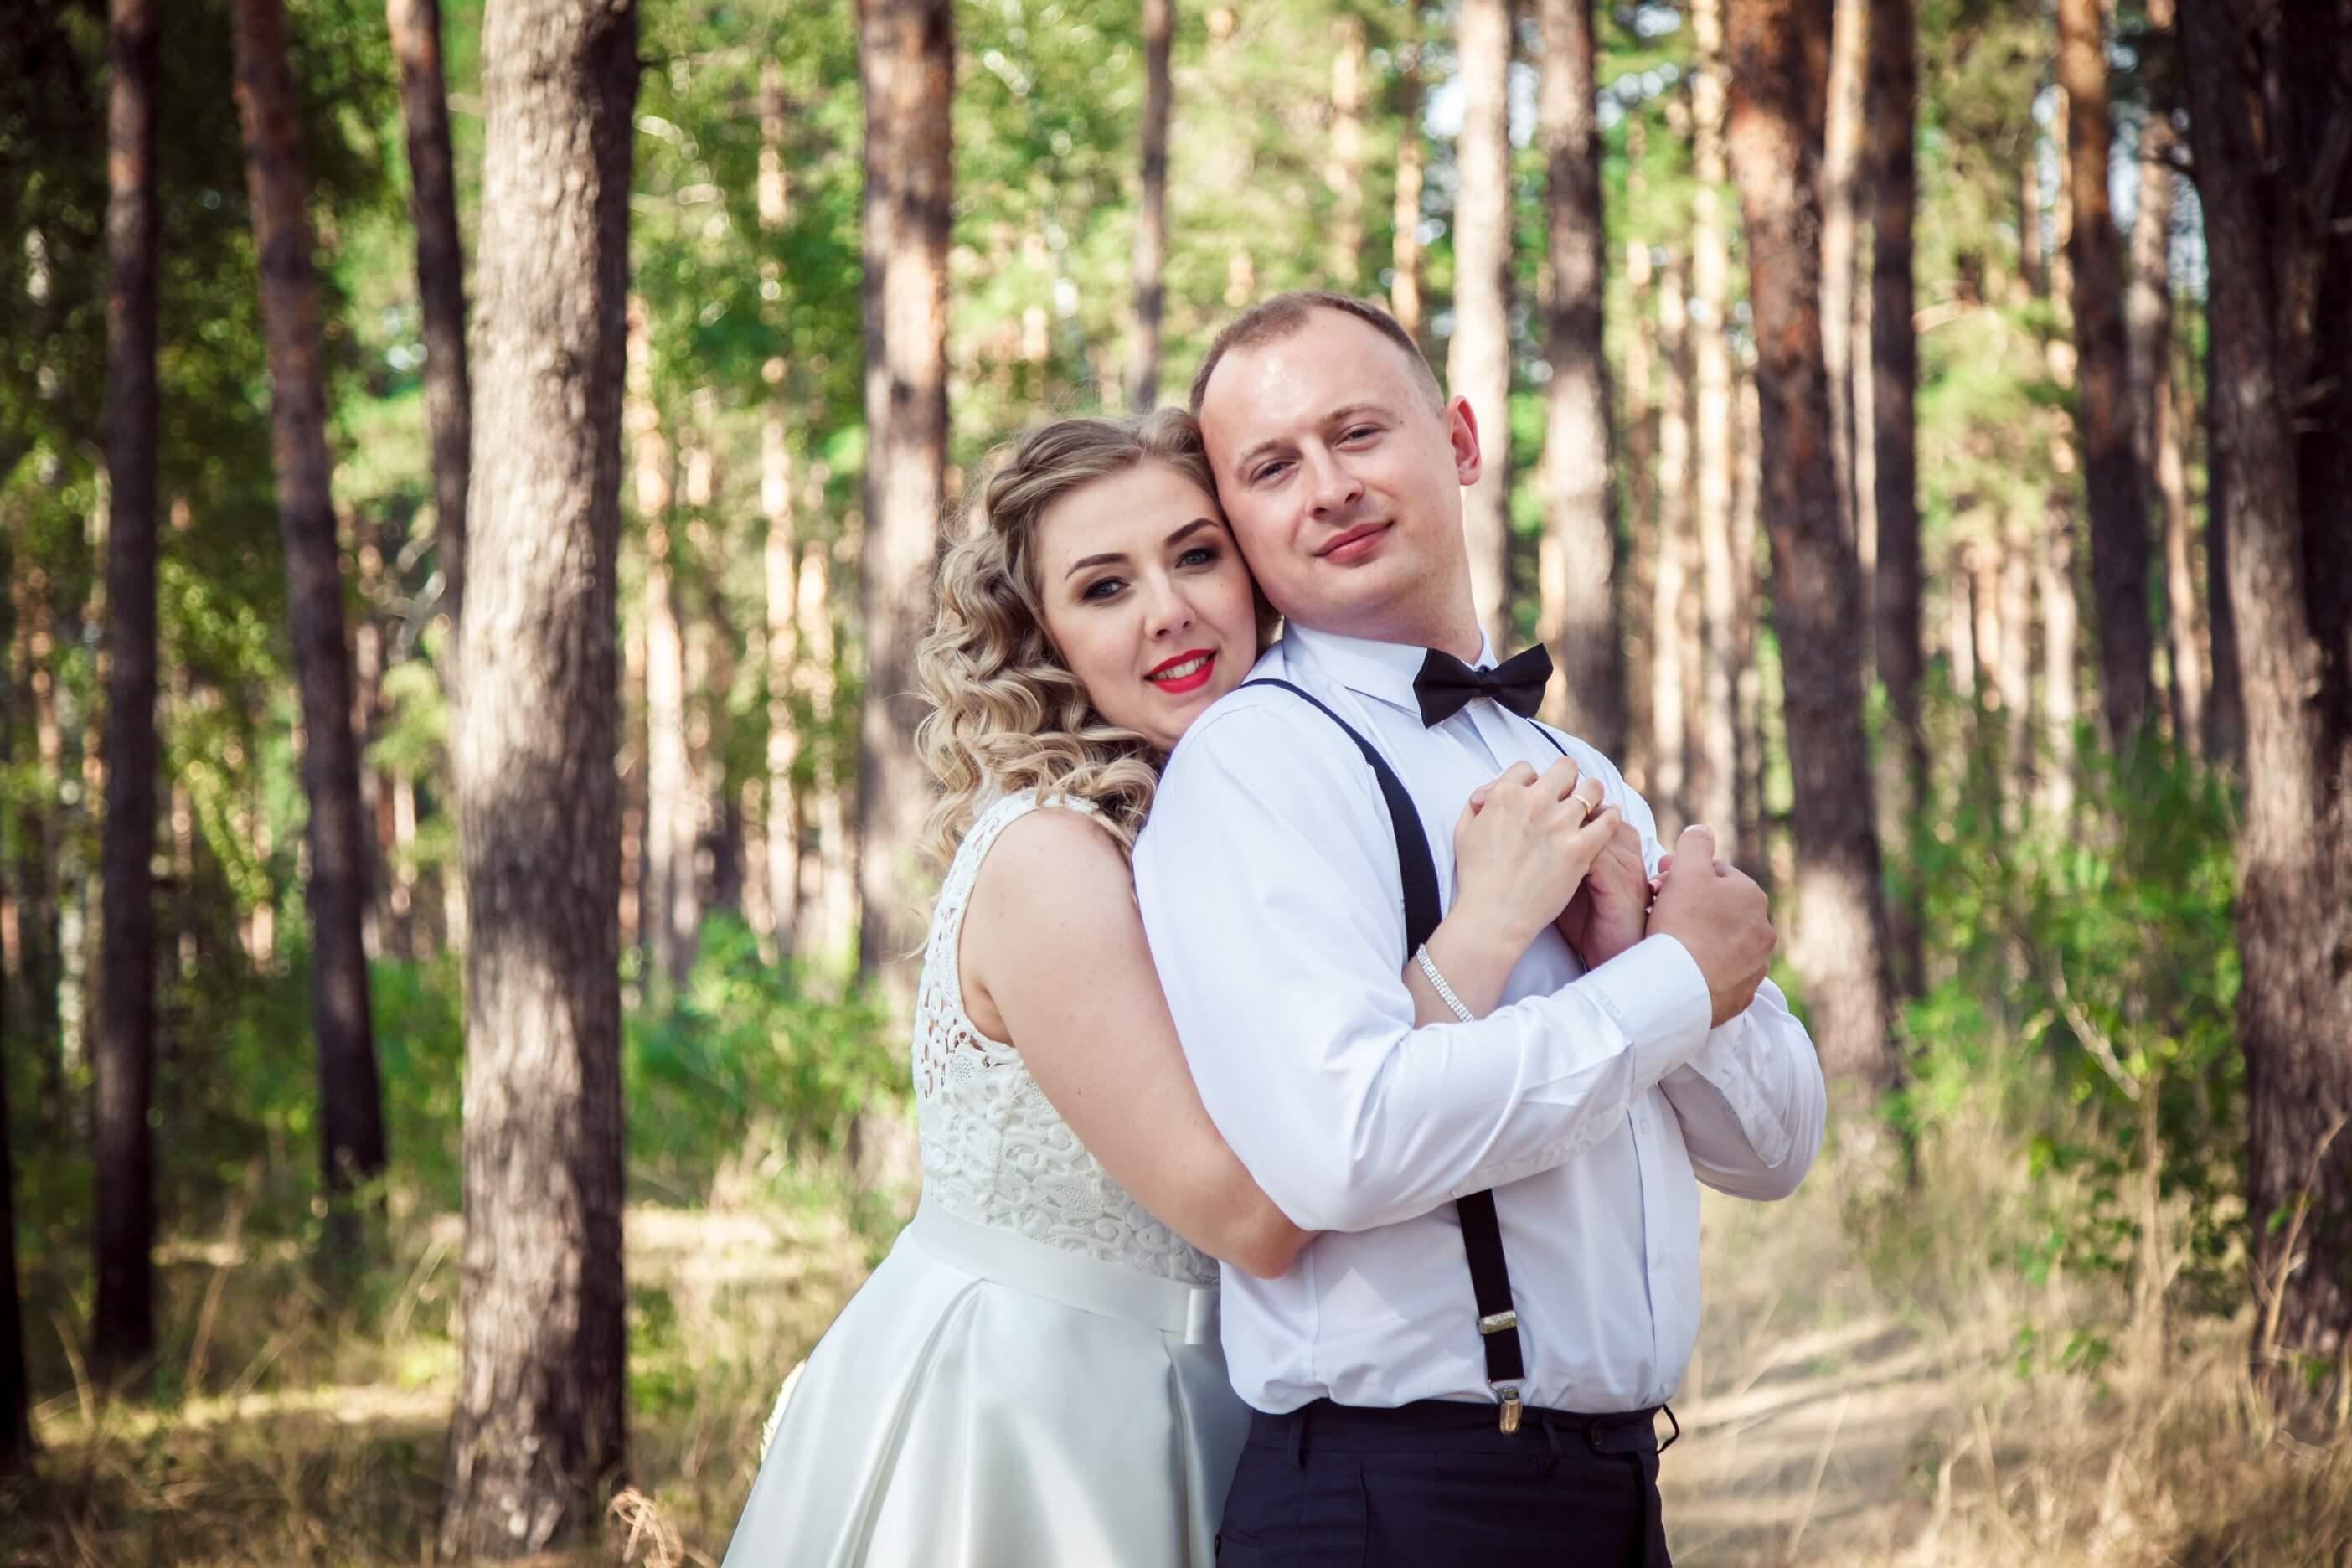 svadebnye foto s dymovymi shashkami fotosessija s dymovoj shashkoj (9)